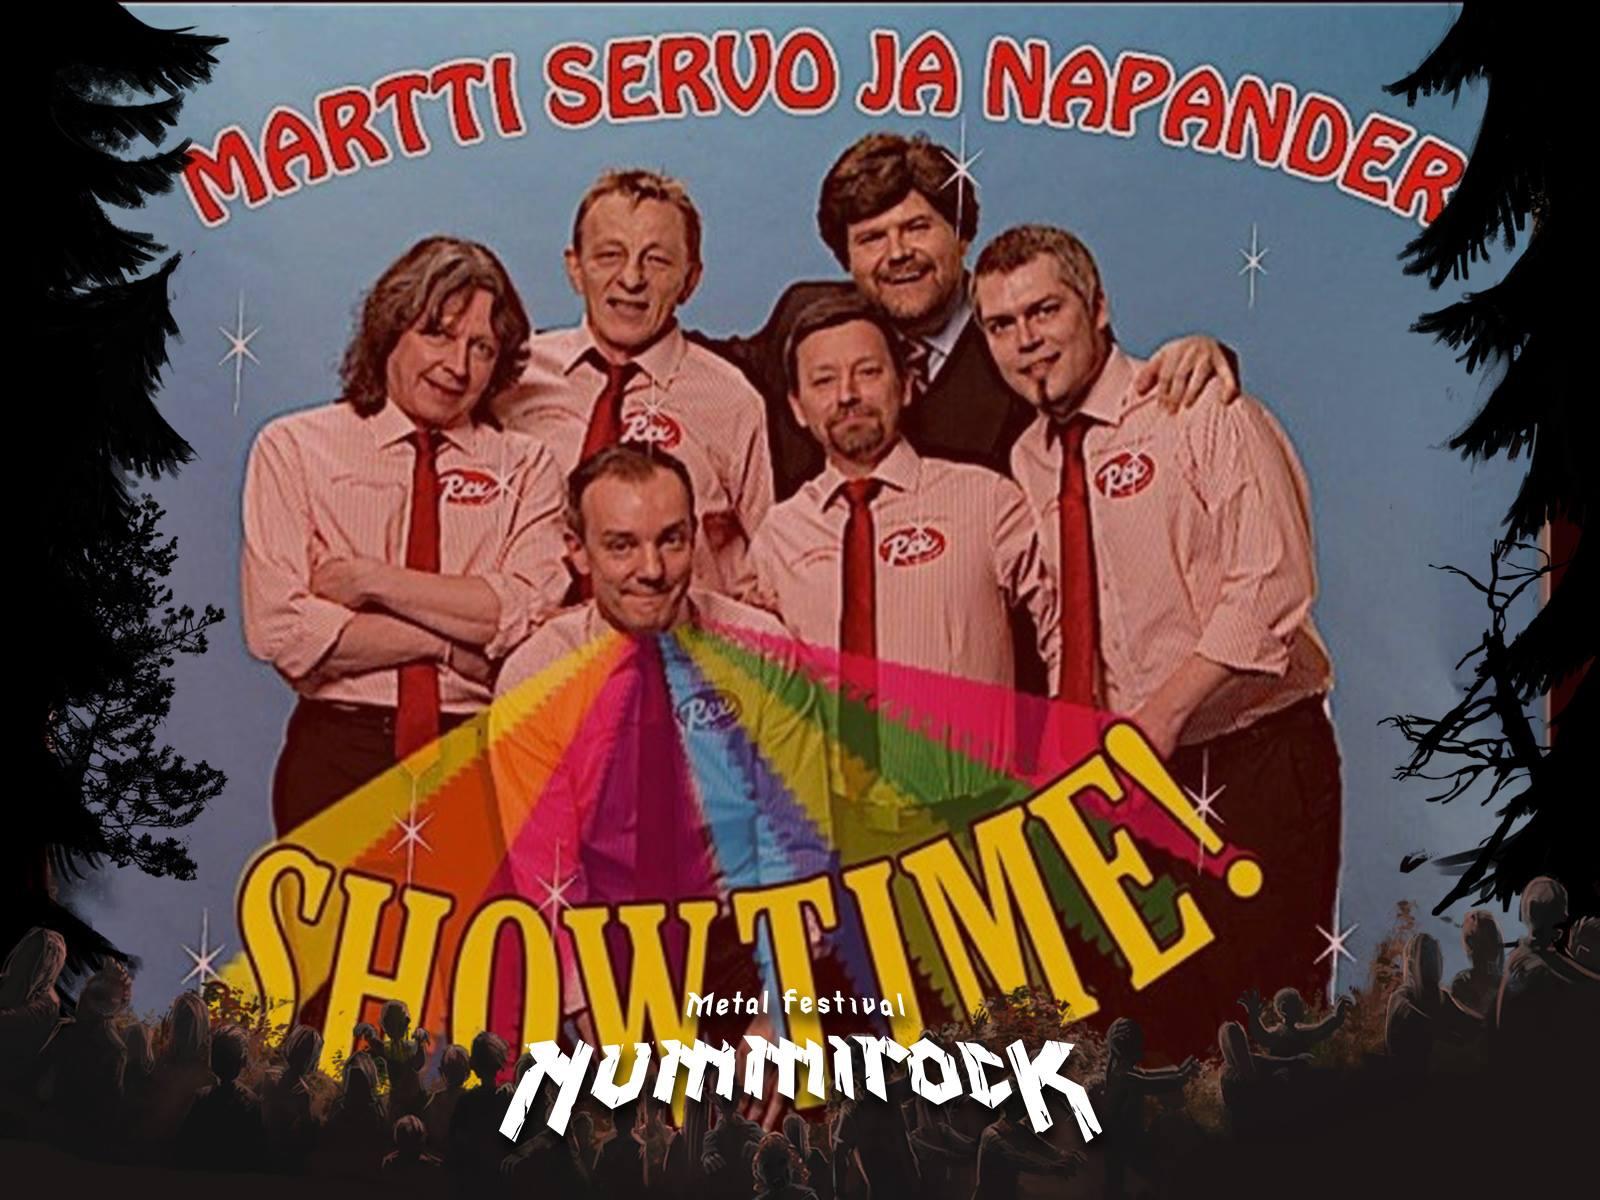 Martti Servo ja Napander lisätty Nummirockin esiintyjäkaartiin